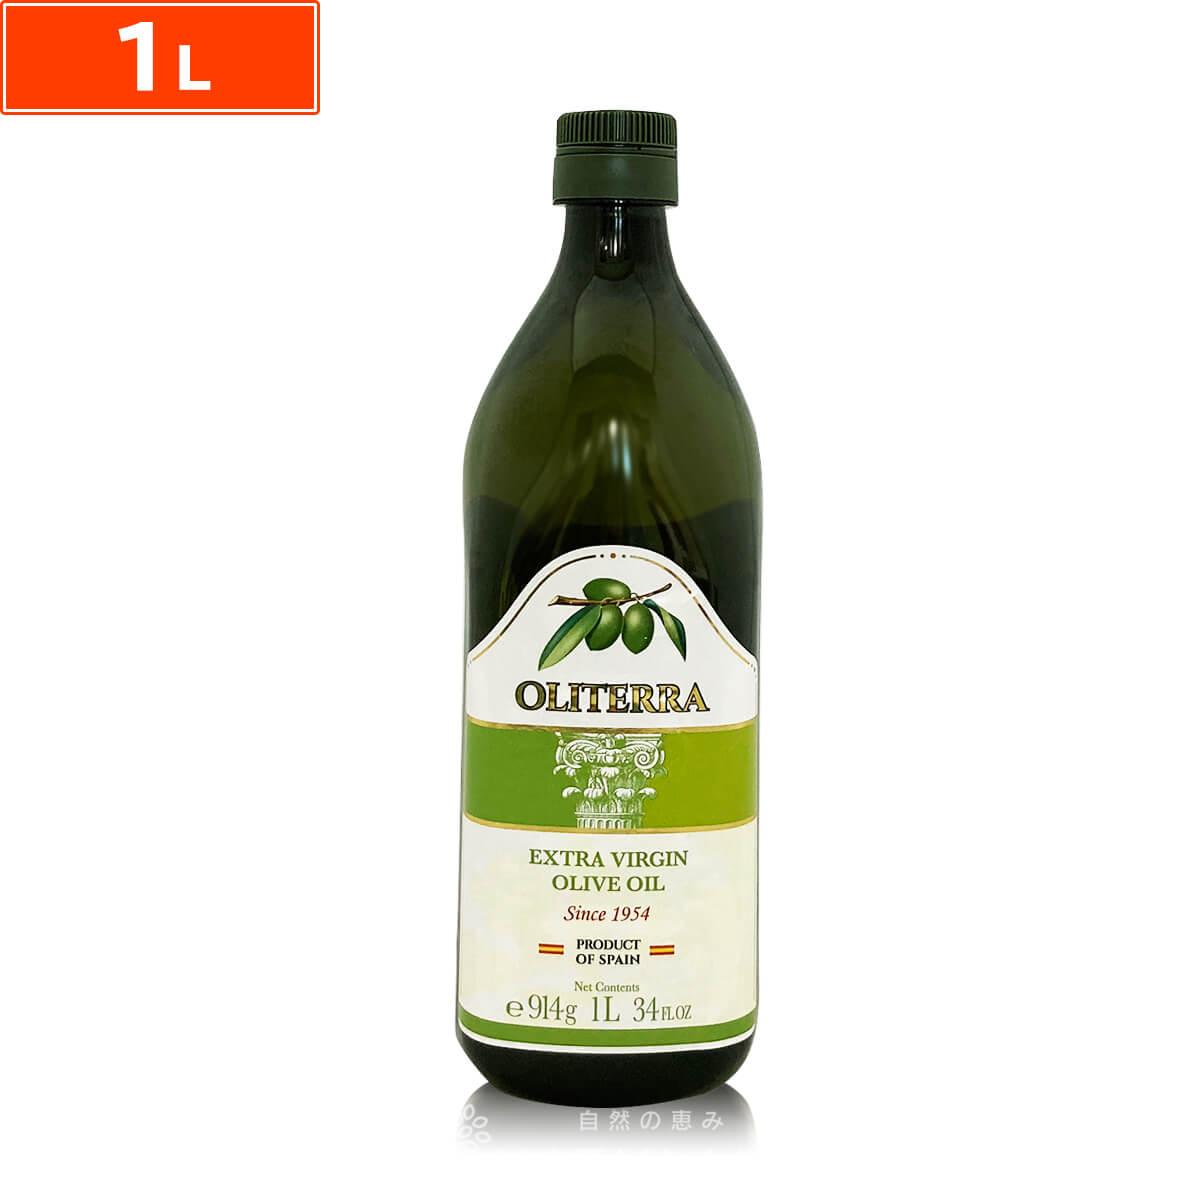 酸度0.21%± フルーティな風味が特徴の本場スペイン産エキストラバージンオリーブオイルのオリテラです オリテラ エキストラバージンオリーブオイル 1L 1000ml 914g オリーブオイル olive oil オリーブ油 エキストラ ランキング エキストラバージン 値引き スペイン メーカー OLITERRA オリーブ 業務用 おすすめ スペイン産 エクストラバージン 値引き